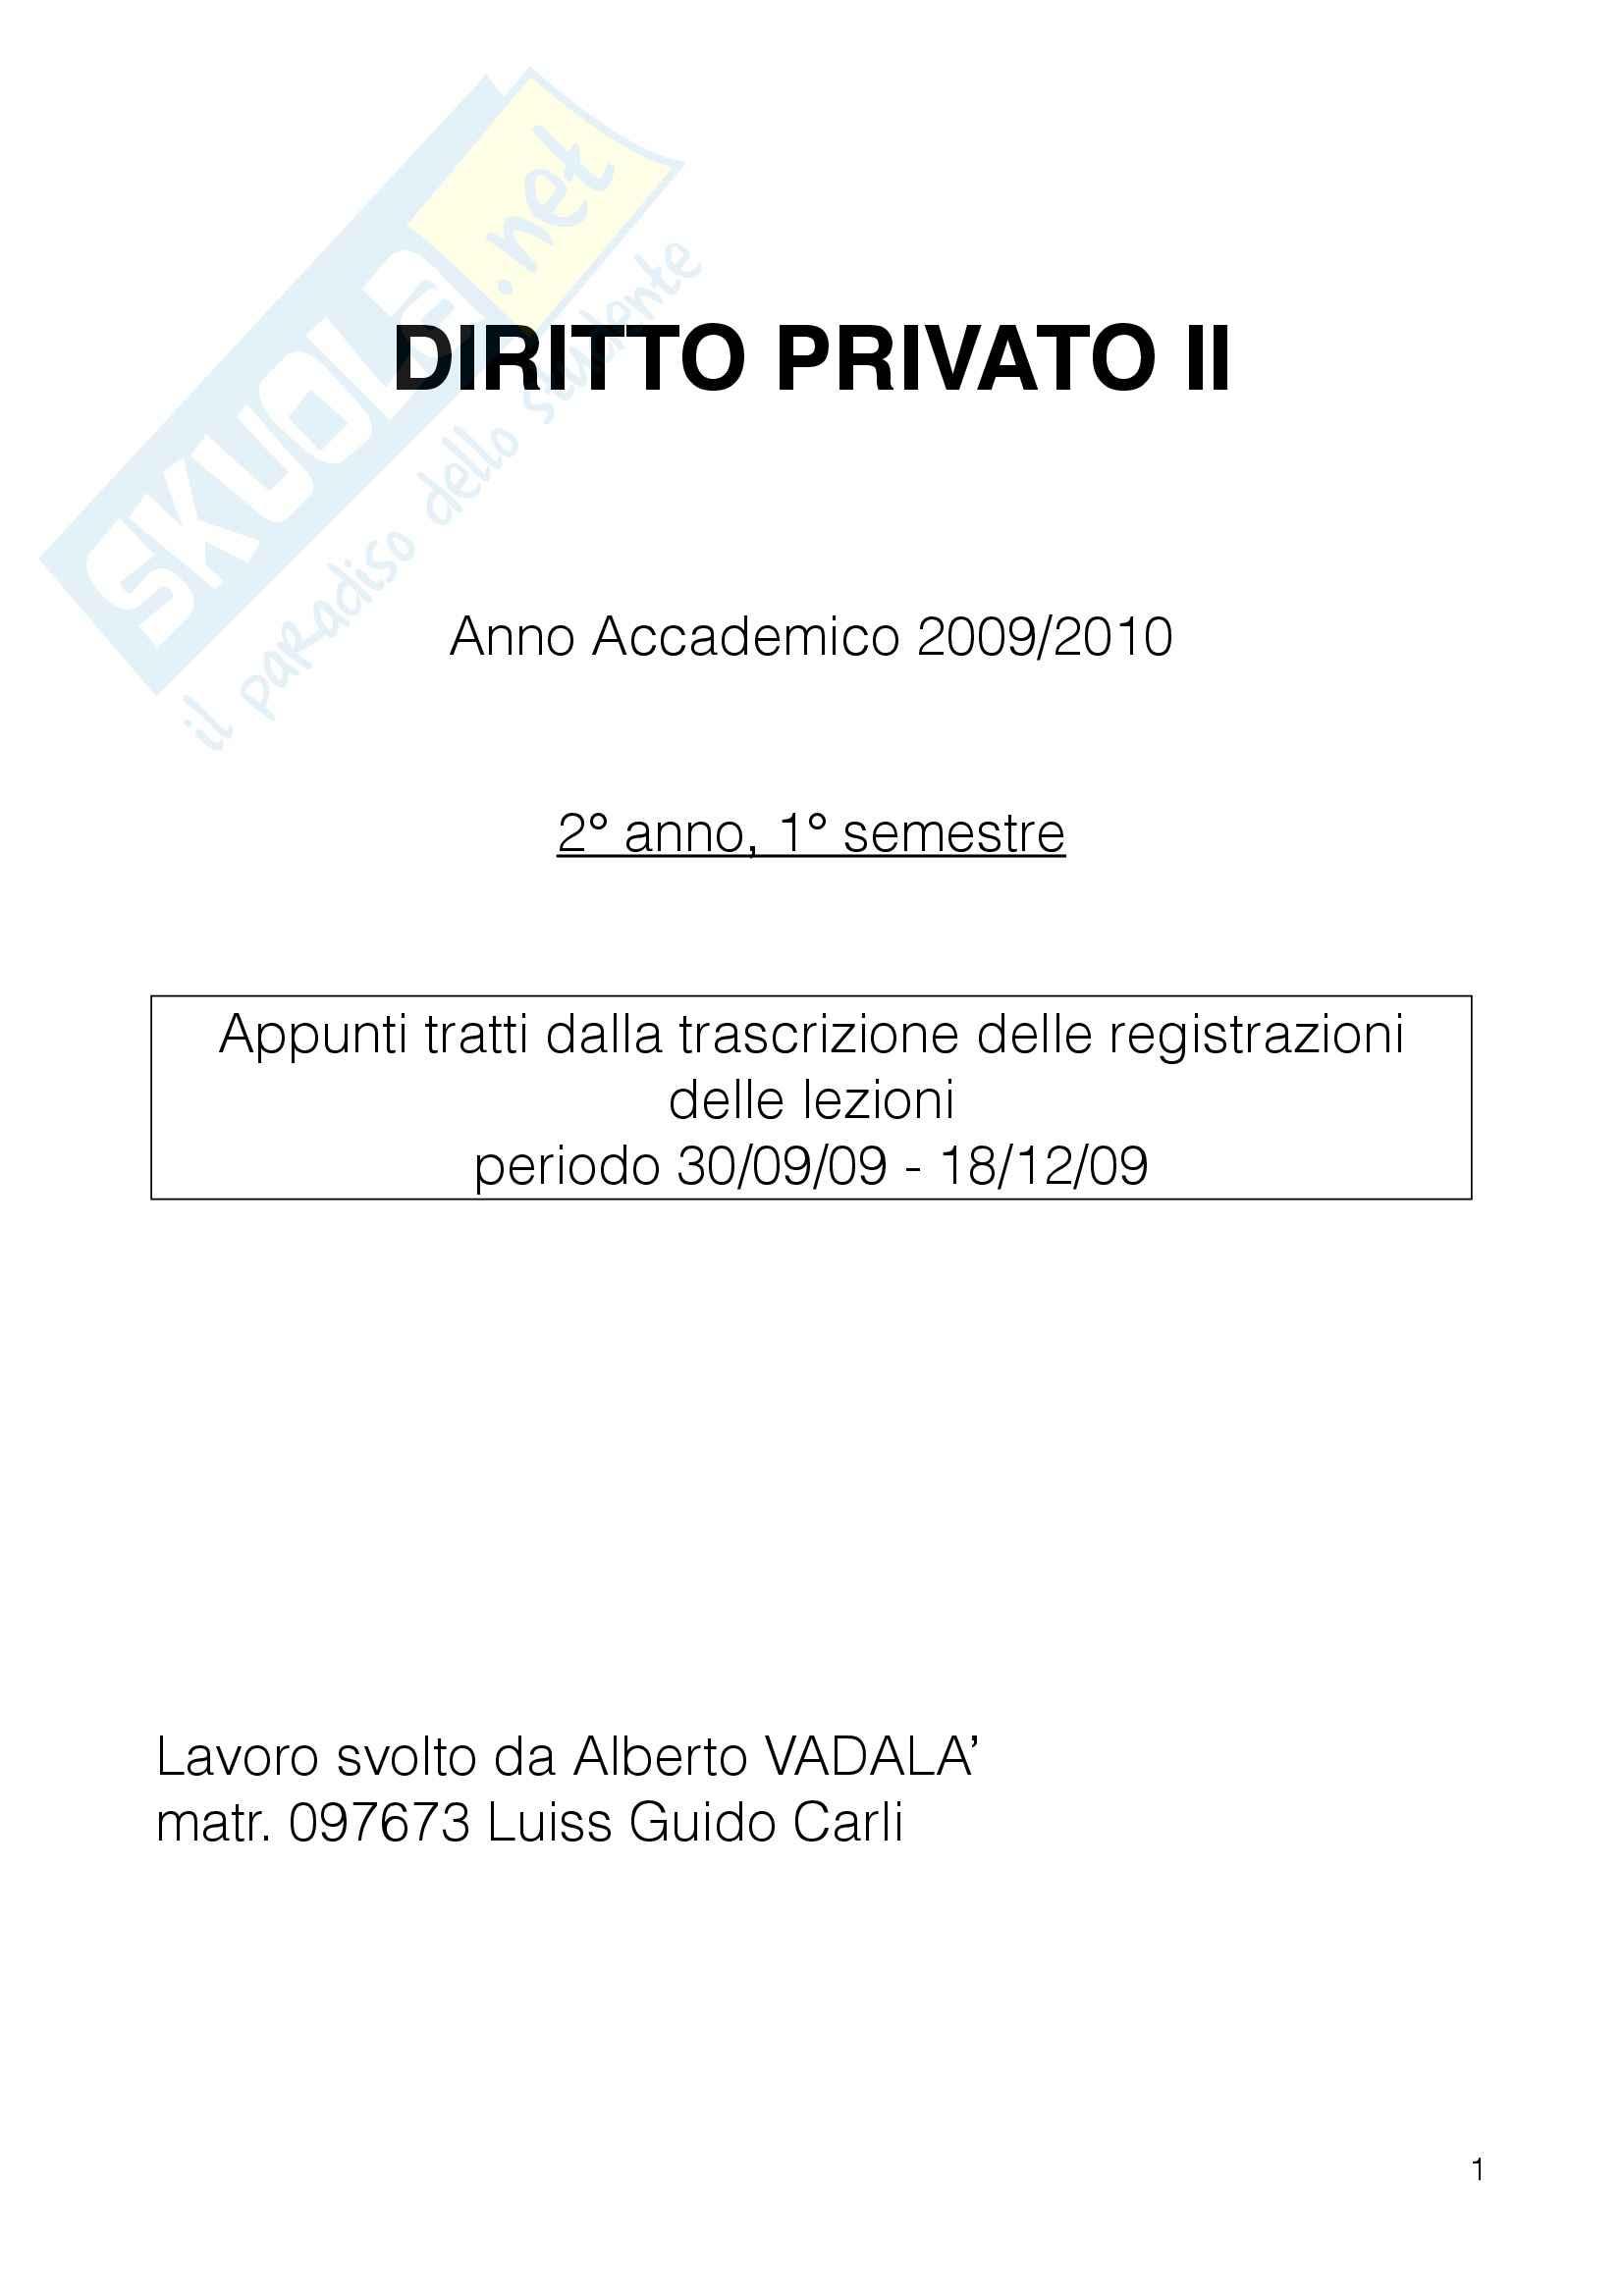 Diritto Privato II - Appunti